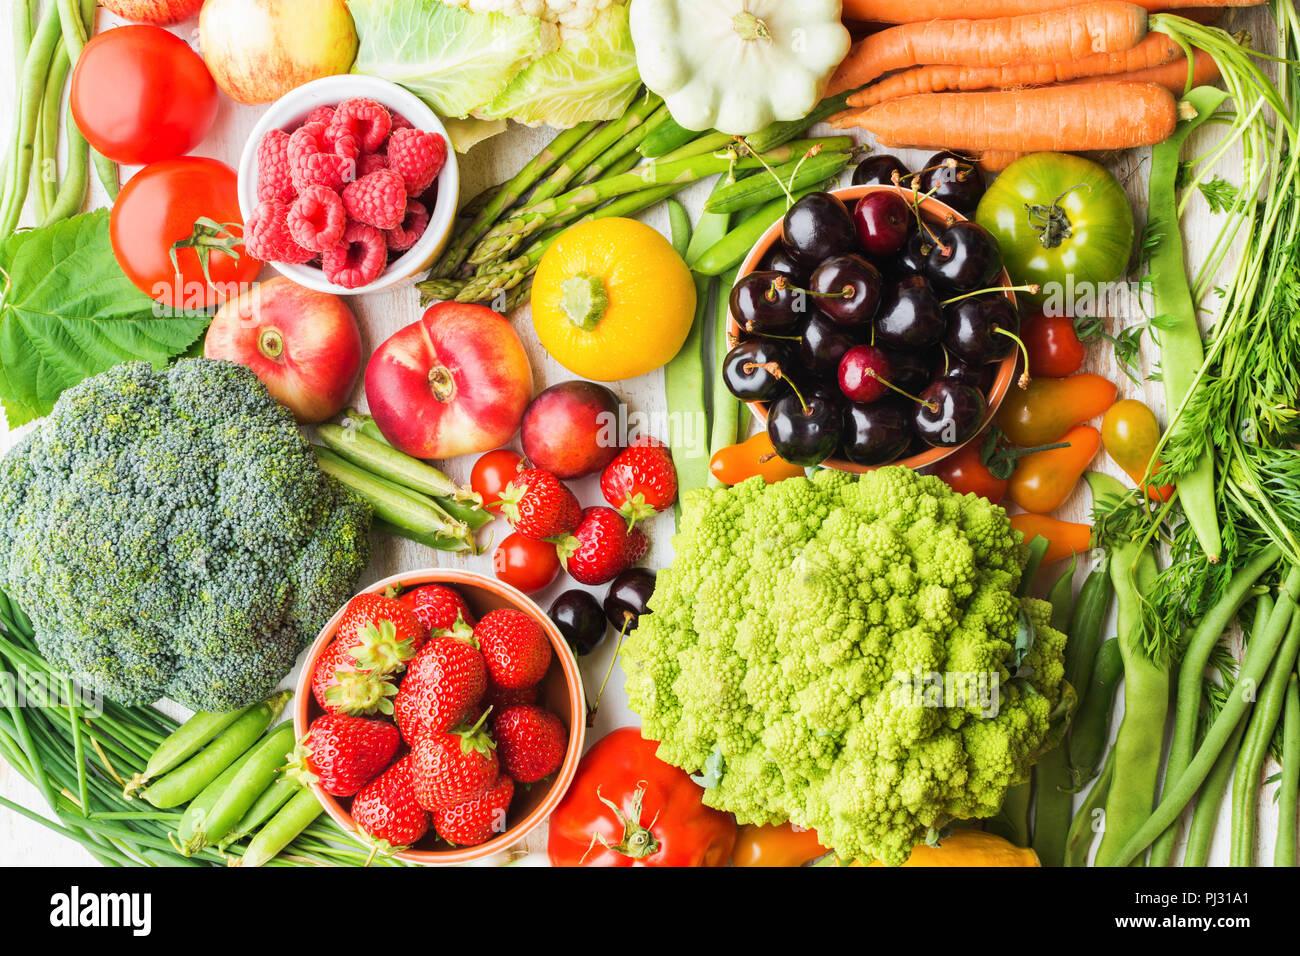 Sommer Früchte Gemüse Beeren, Äpfel Kirschen Pfirsiche Erdbeeren Brokkoli Blumenkohl squash Tomaten Karotten Feder, rote Rüben, Kopie Raum Kohl, Ansicht von oben, selektiver Fokus Stockbild